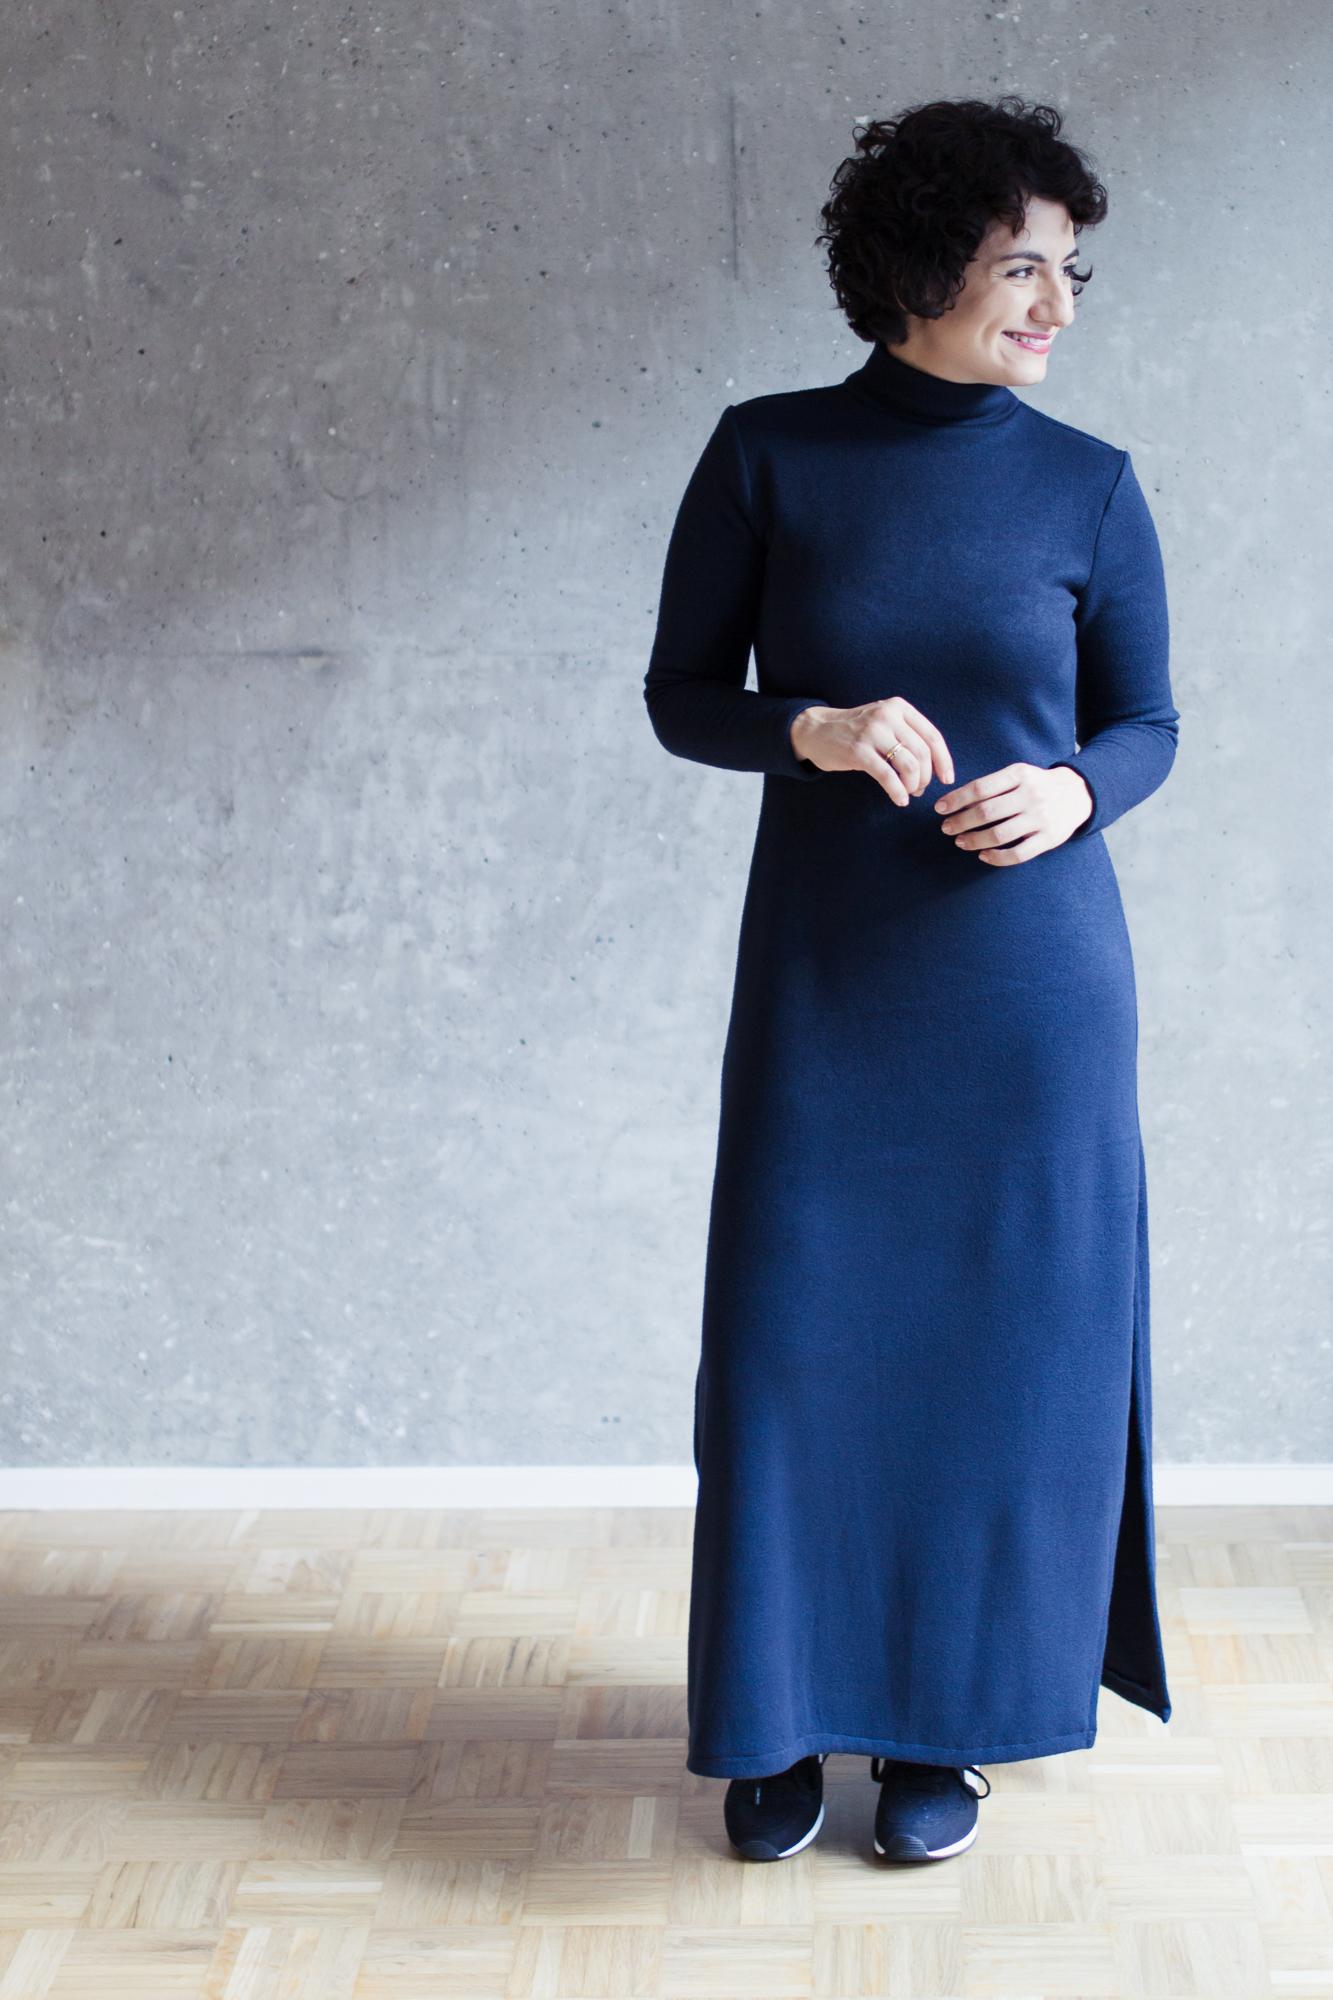 Schnittmuster Rollkragenshirt und Maxikleid Modular Collection - Schnittduett - Moderne Schnittmuster für Damen, die minimalistische Mode lieben